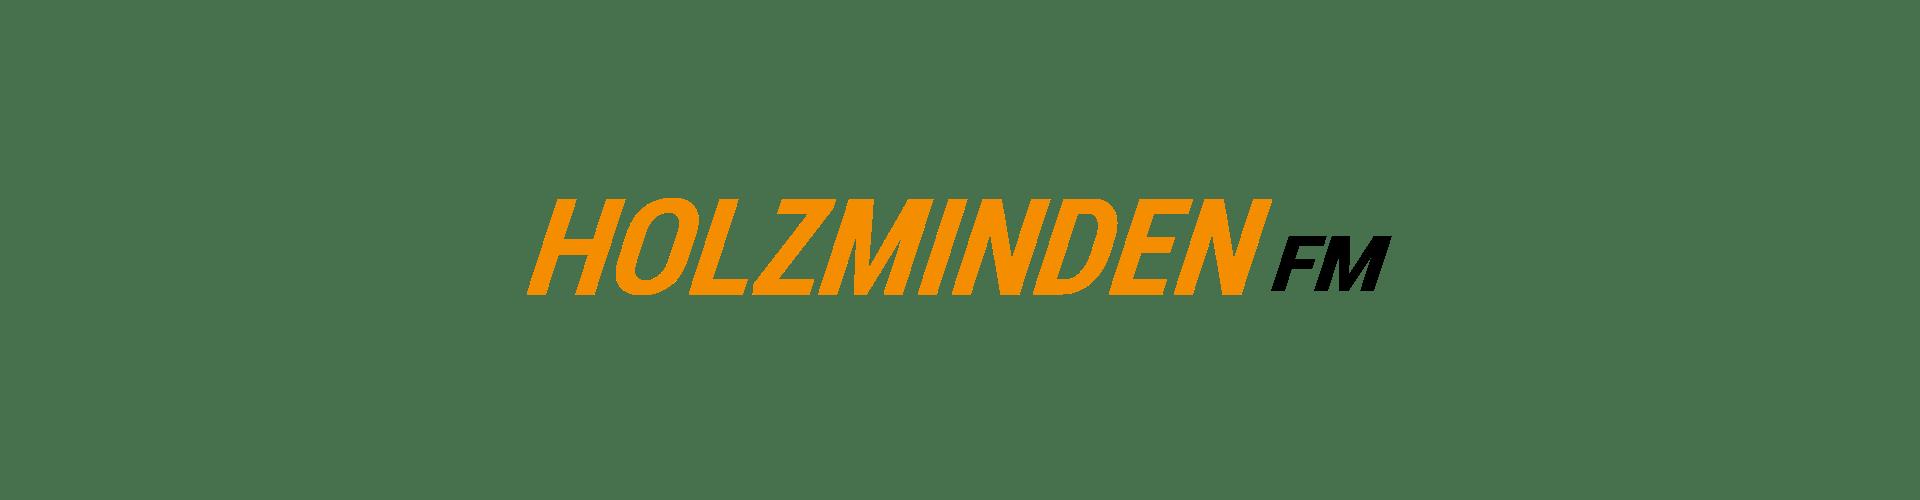 Holzminden FM